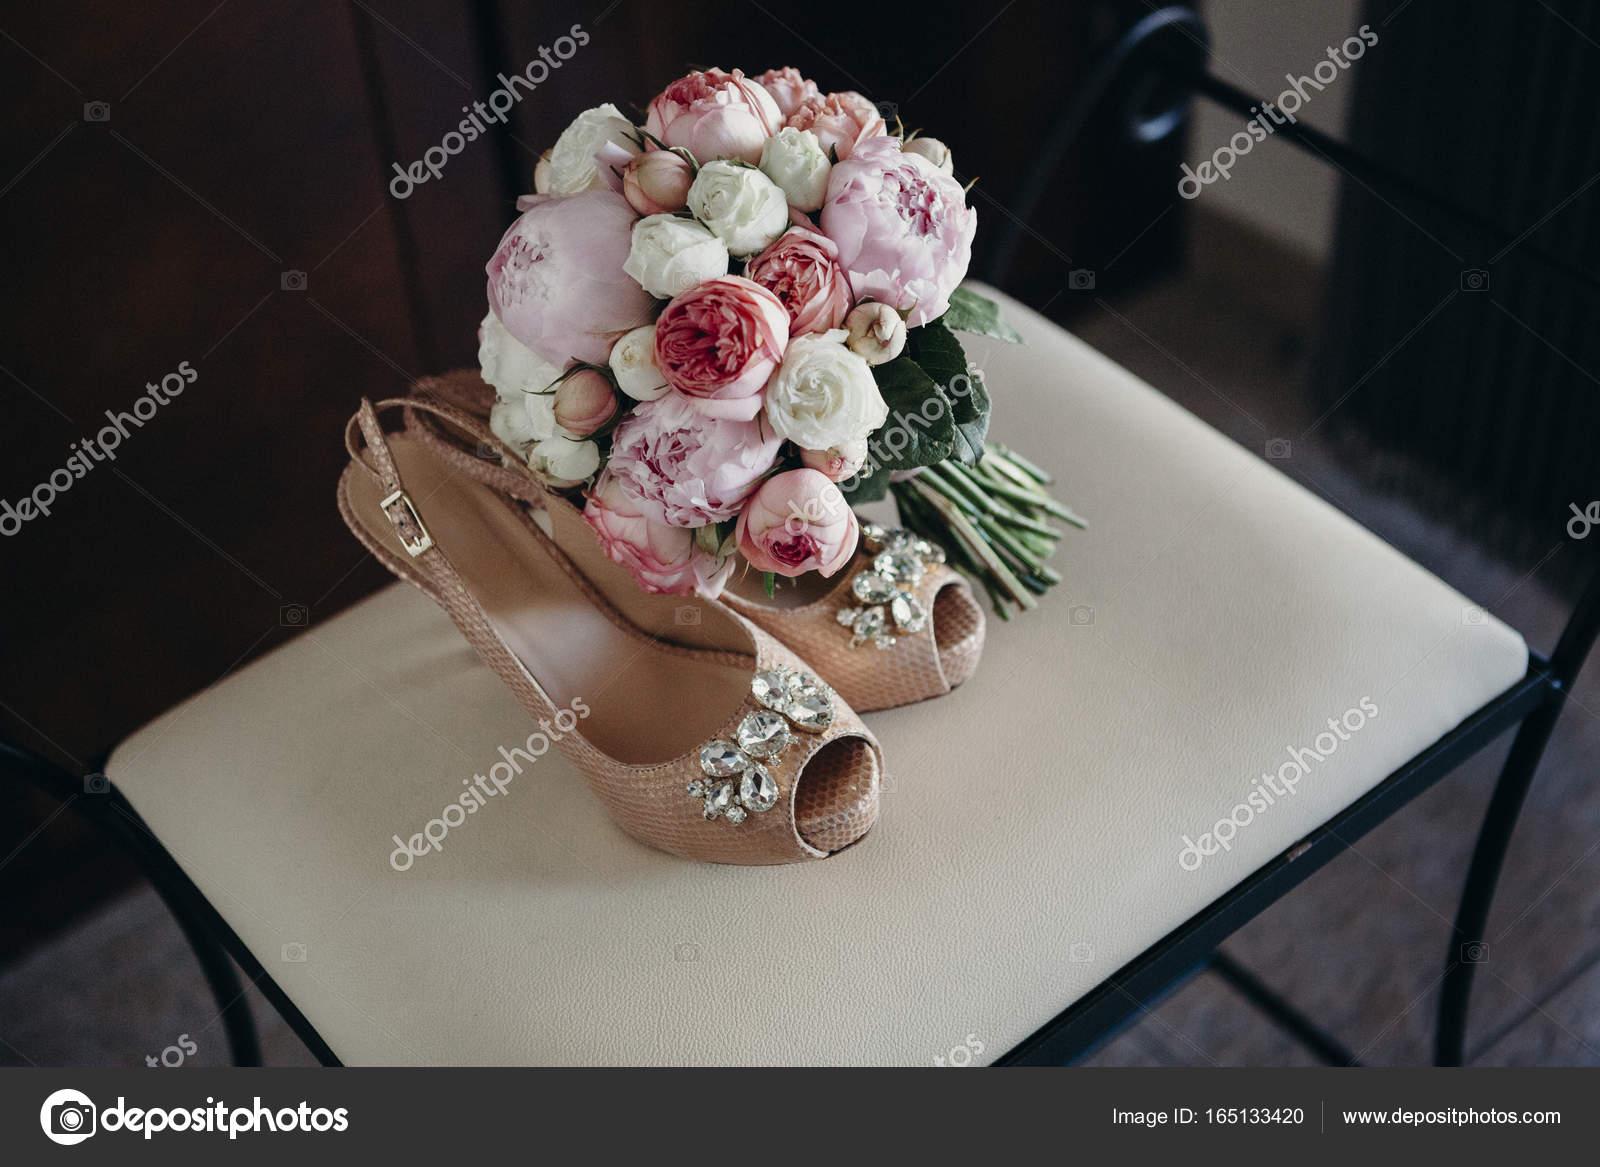 Hochzeitsschuhe Und Brautstrauss Mit Weissen Und Rosa Rosen